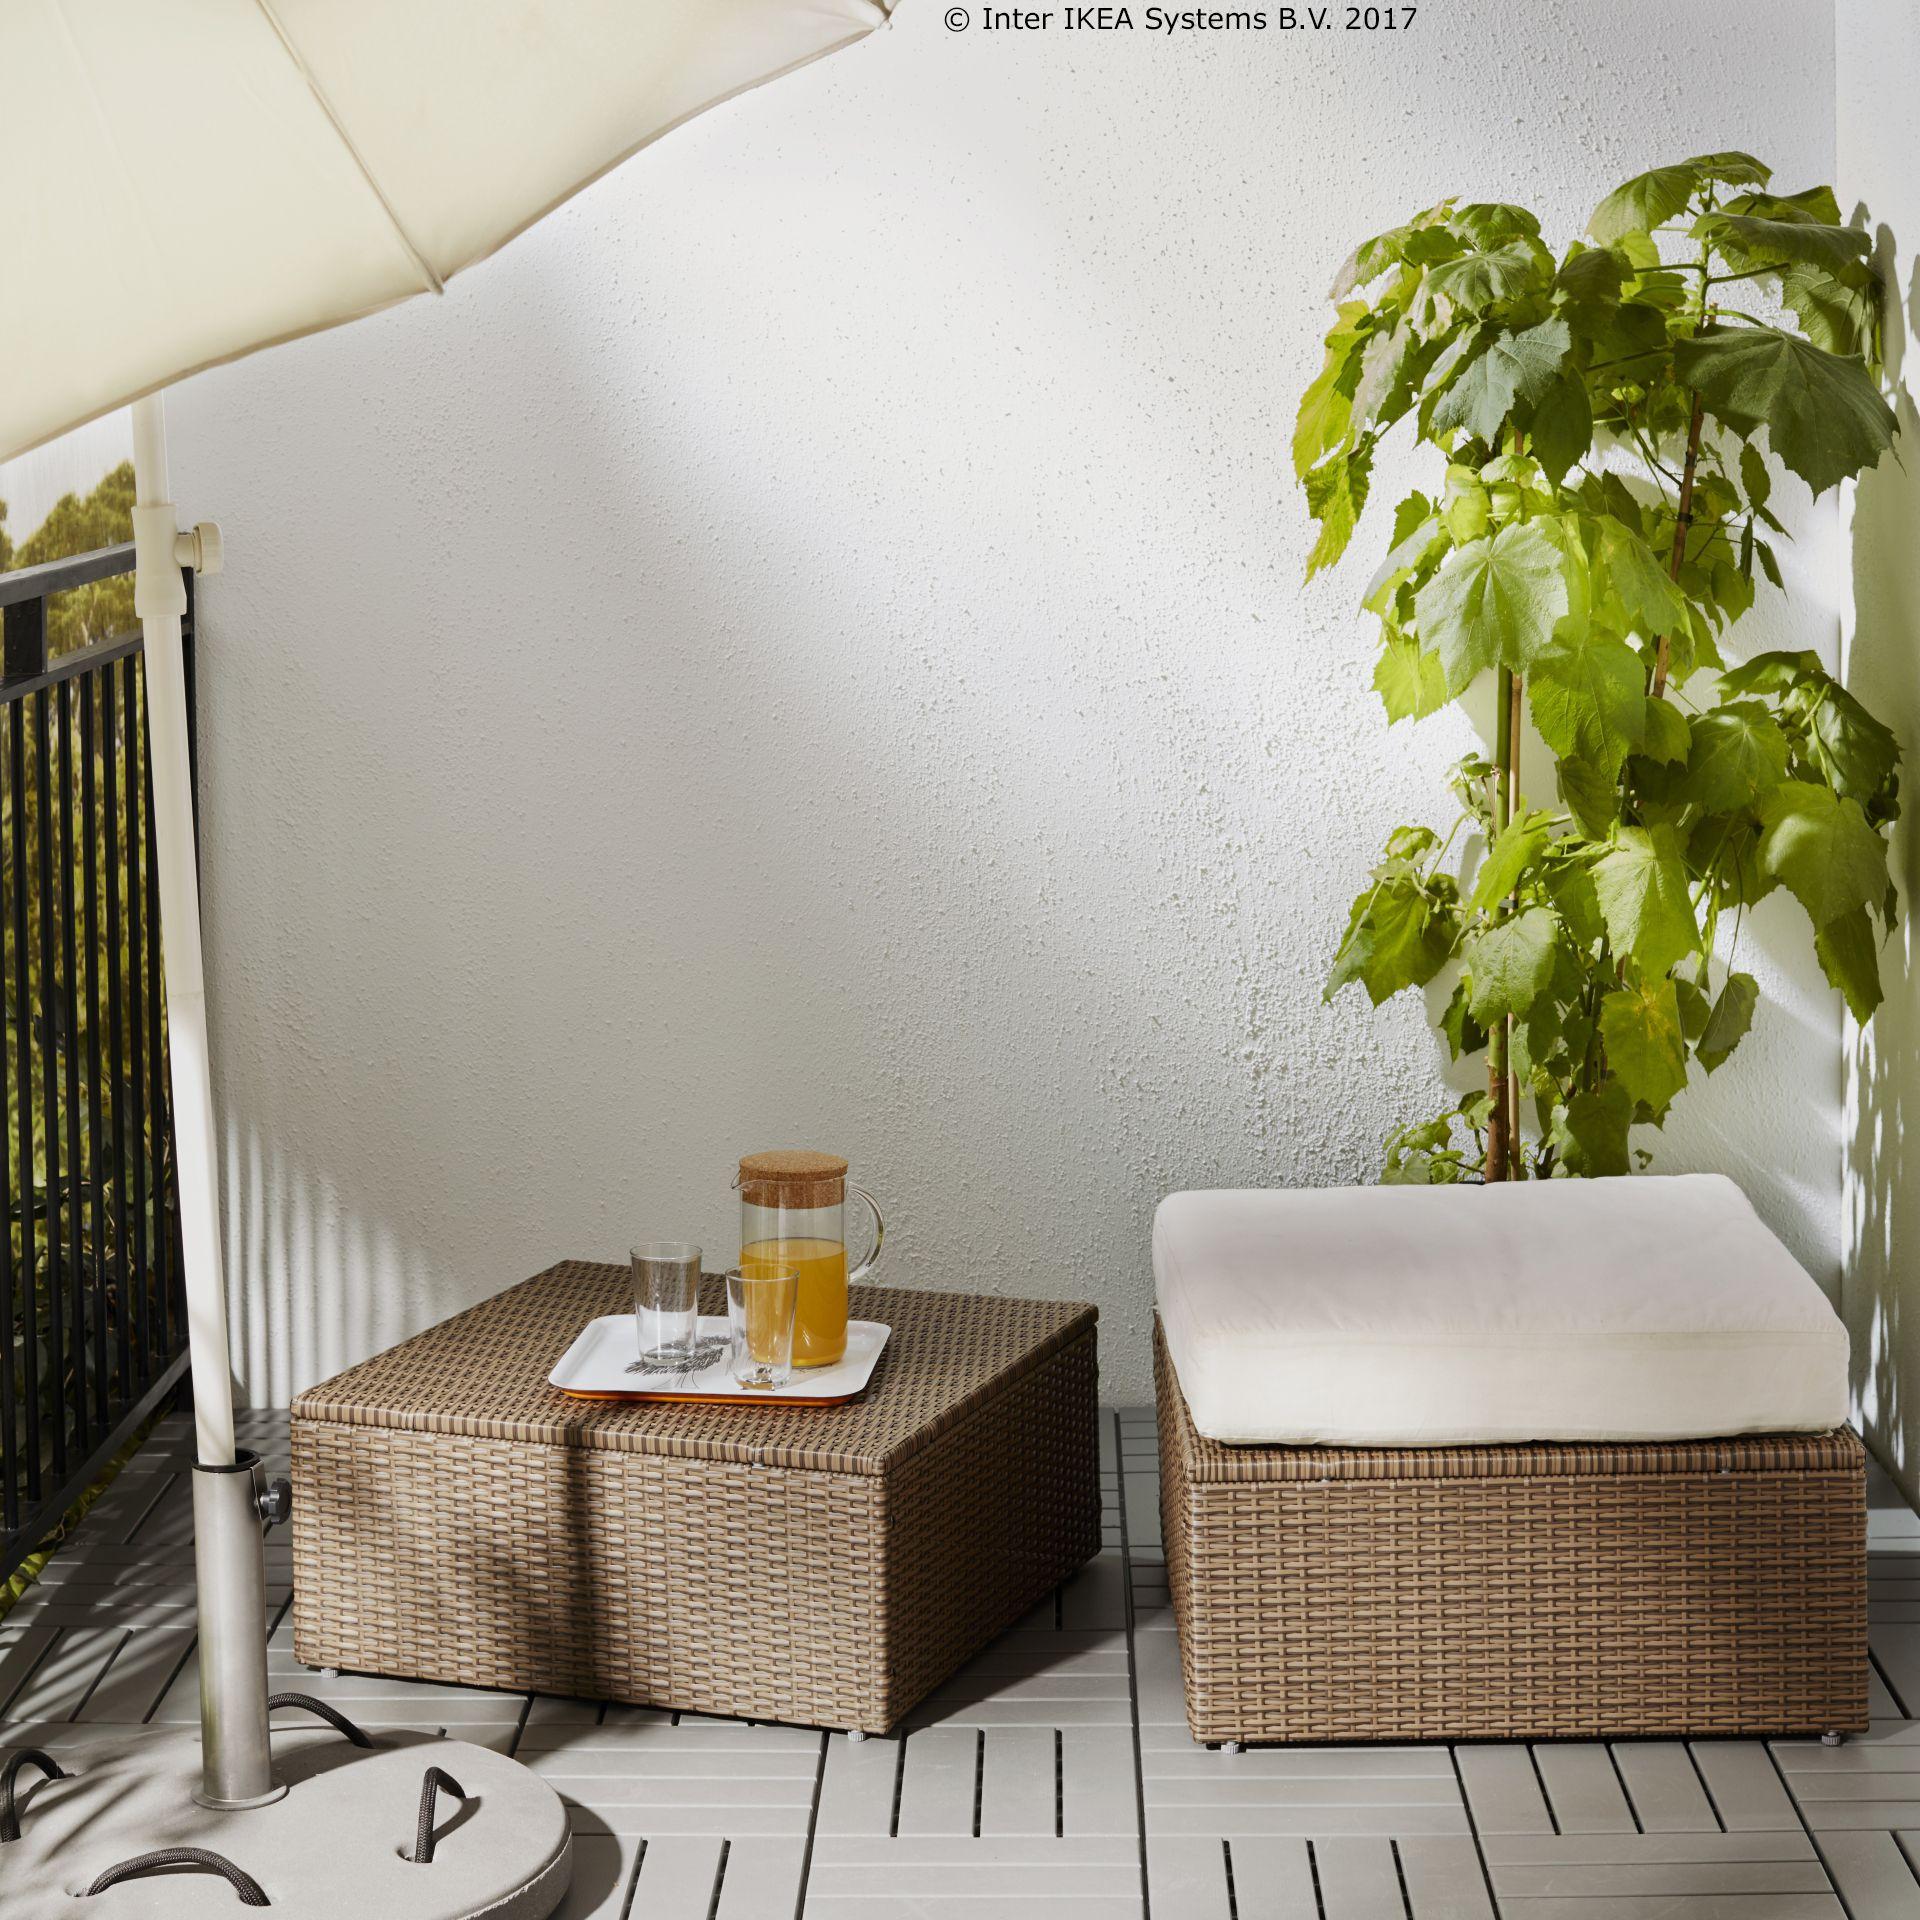 Želiš praktično i multifunkcionalno rješenje za balkon ili